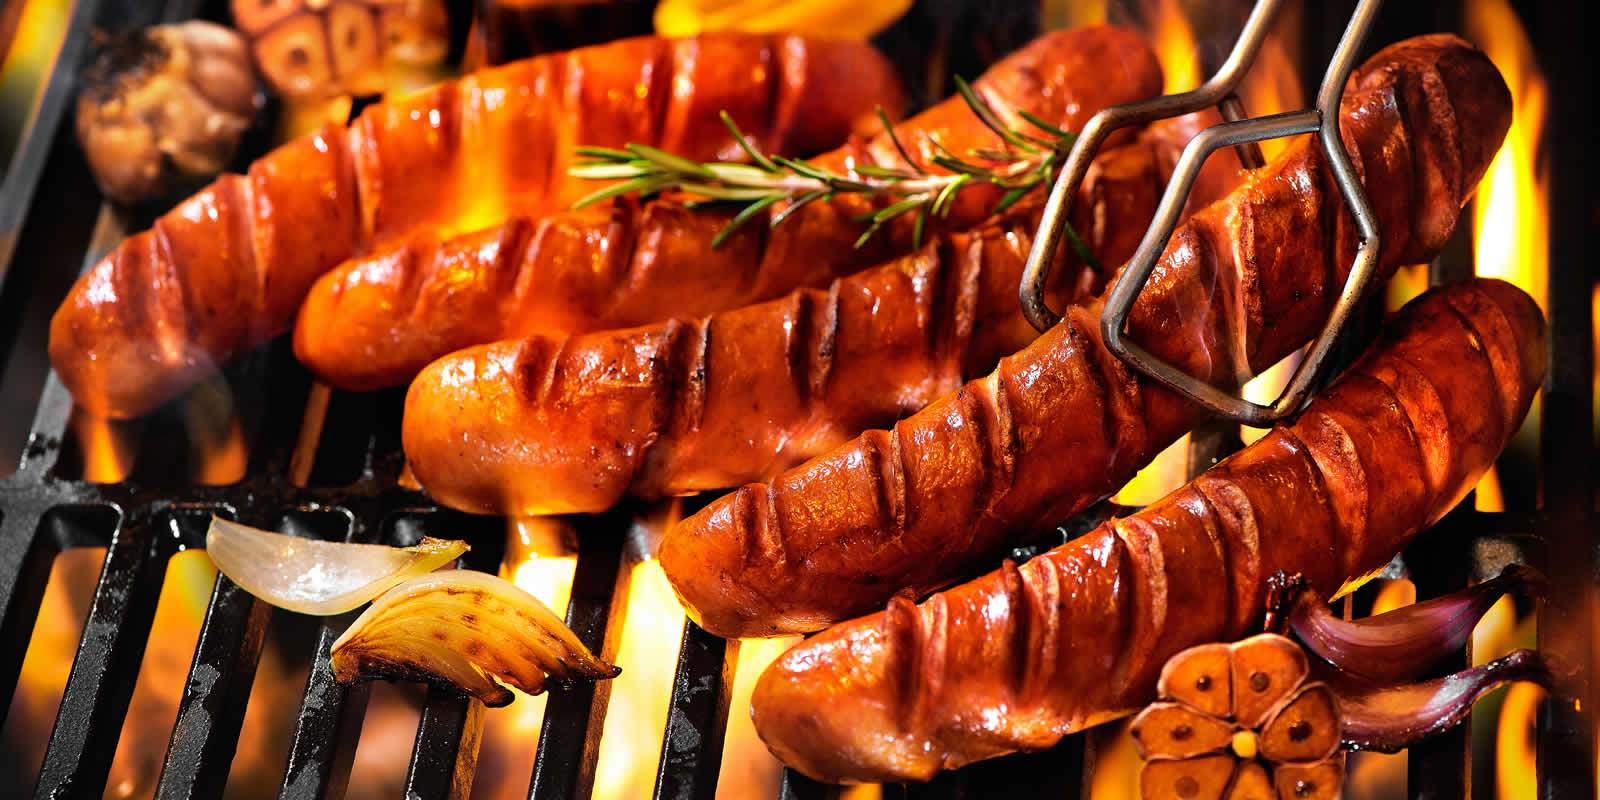 Schweinefleisch Hepatitis Risiko verringern